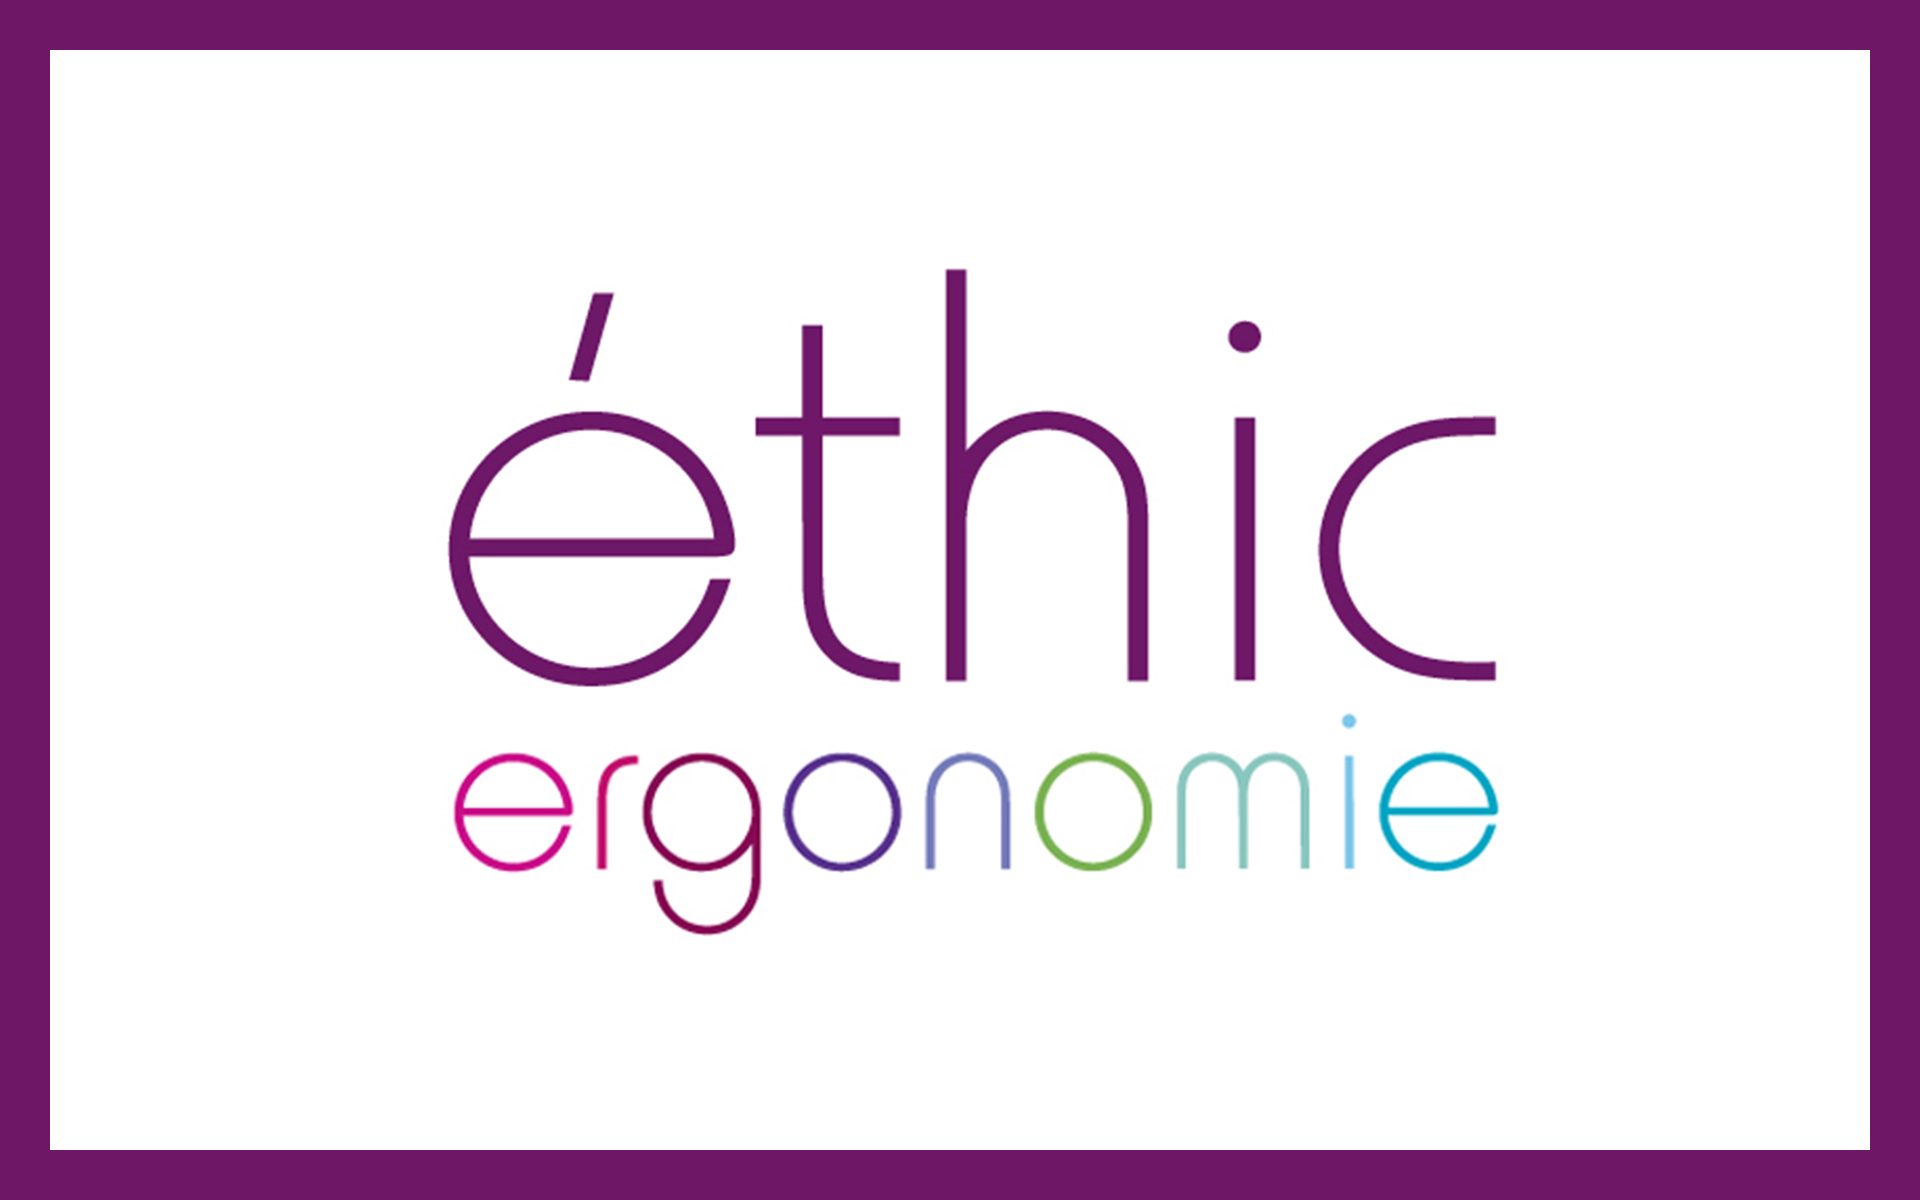 Ethic Ergonomie